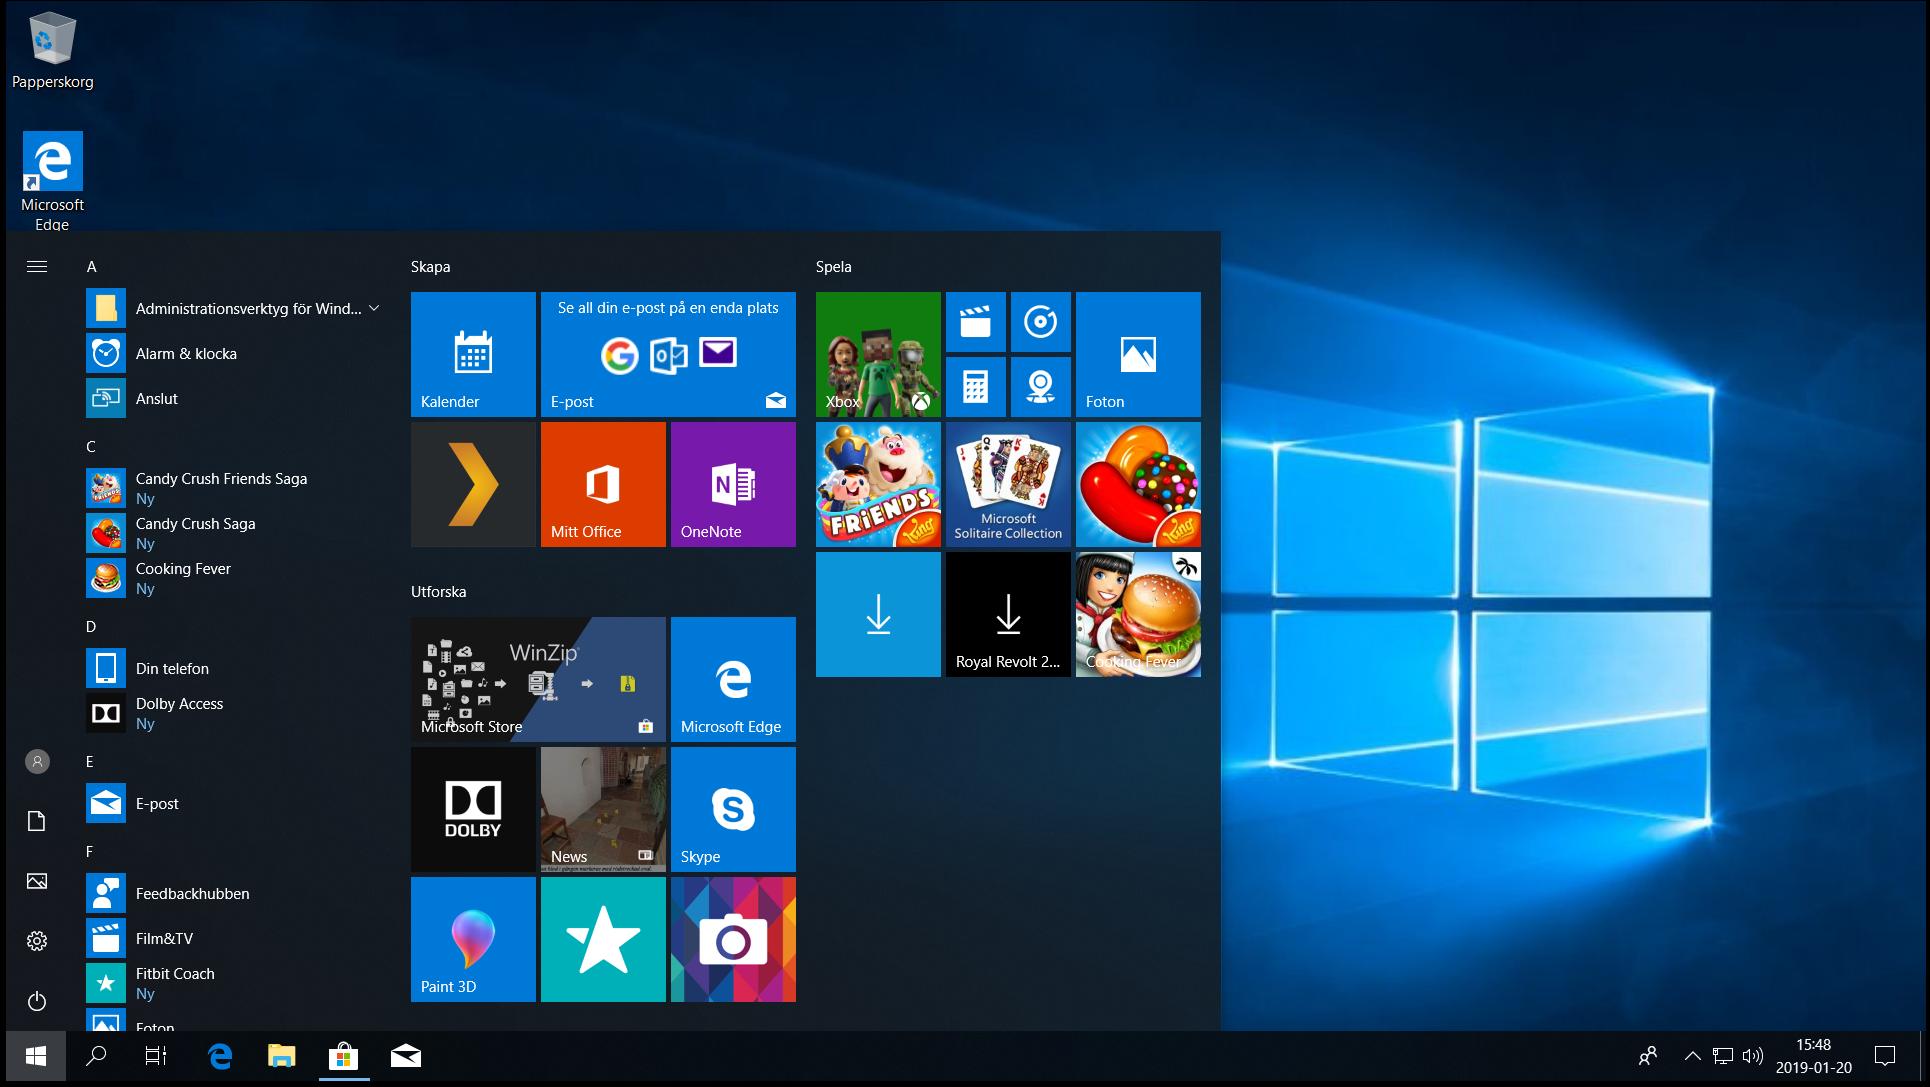 Skrivbordet och start-menyn i Windows 10